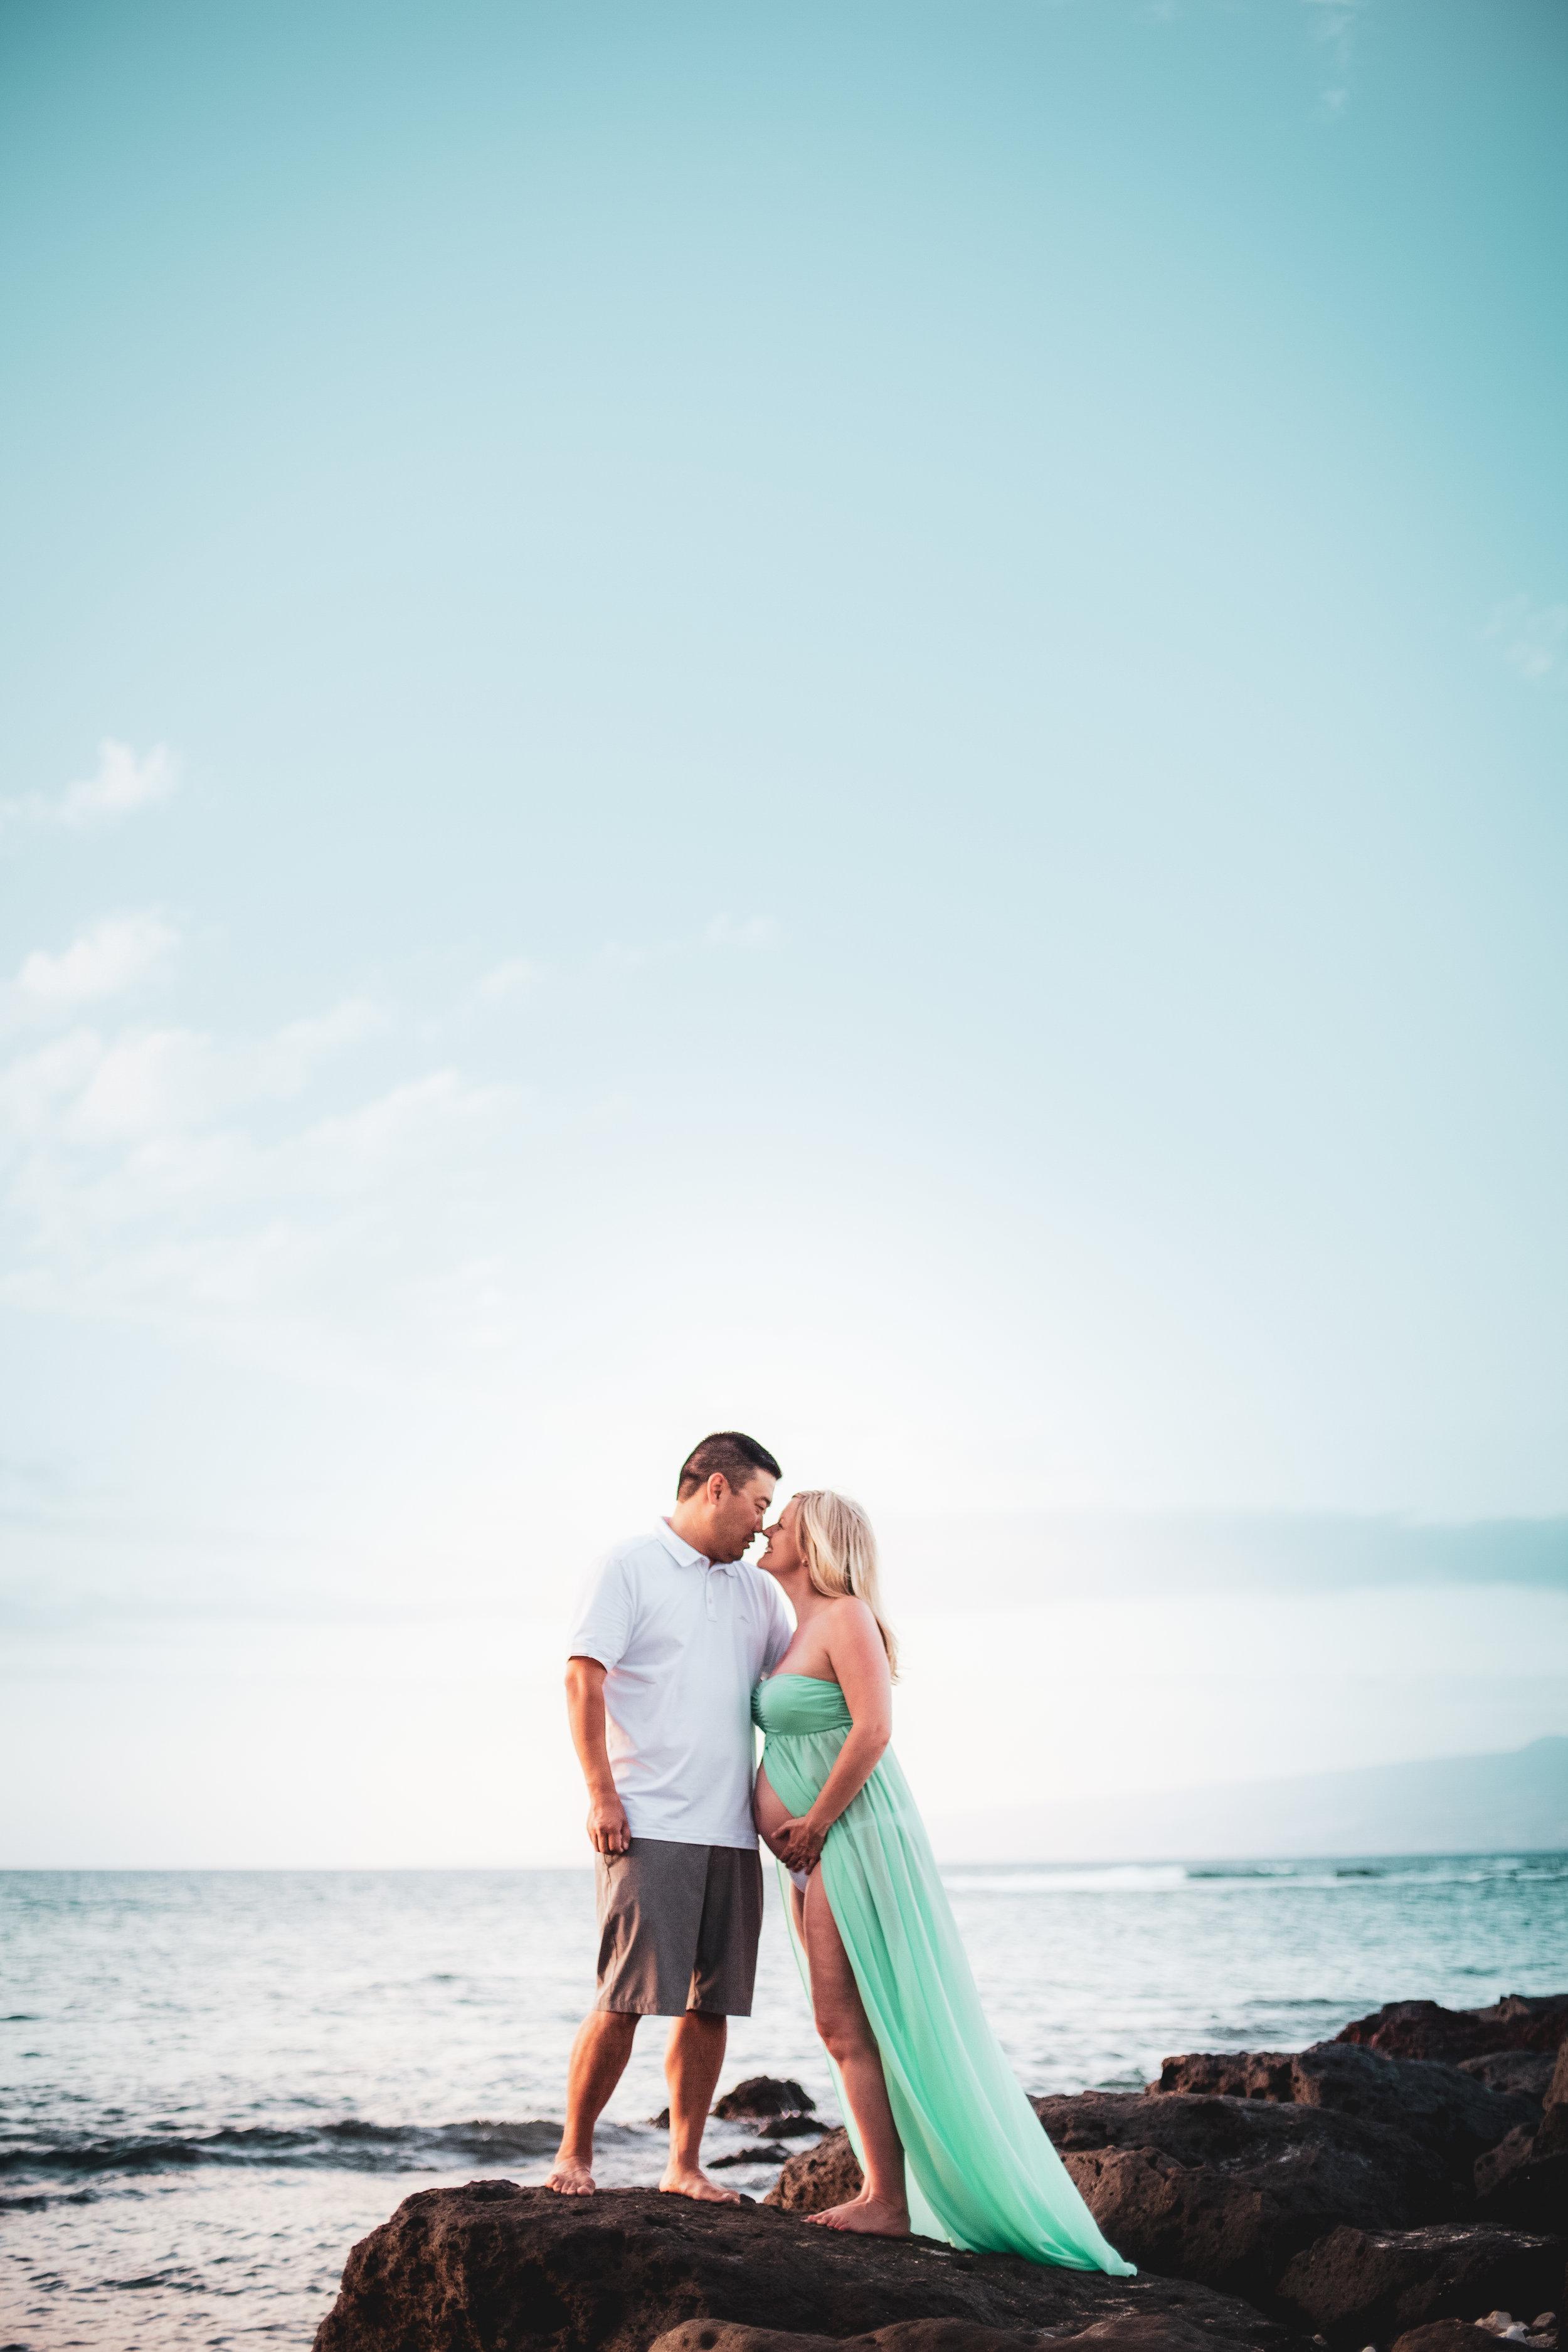 kelilina photography lifestyle maternity photographer-3.jpg